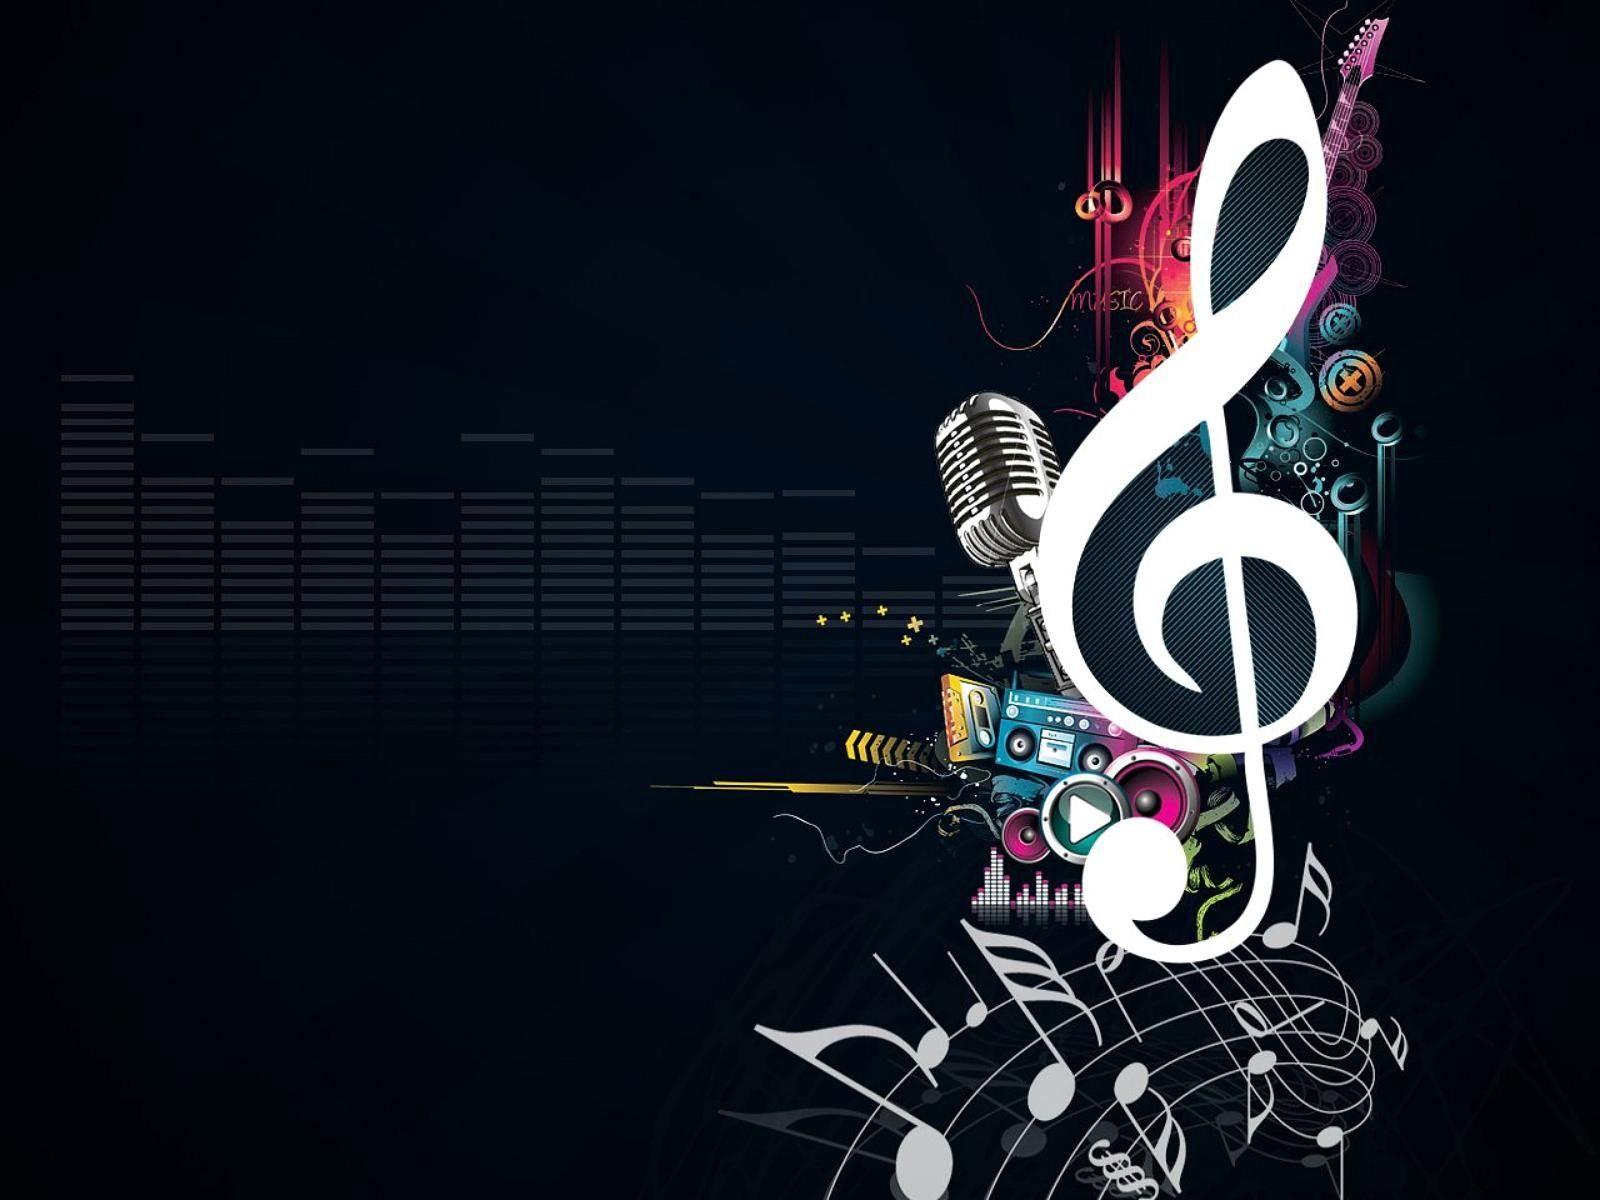 Music Design Wallpaper Purehdscreen Com Music Notes Background Music Wallpaper Art Music